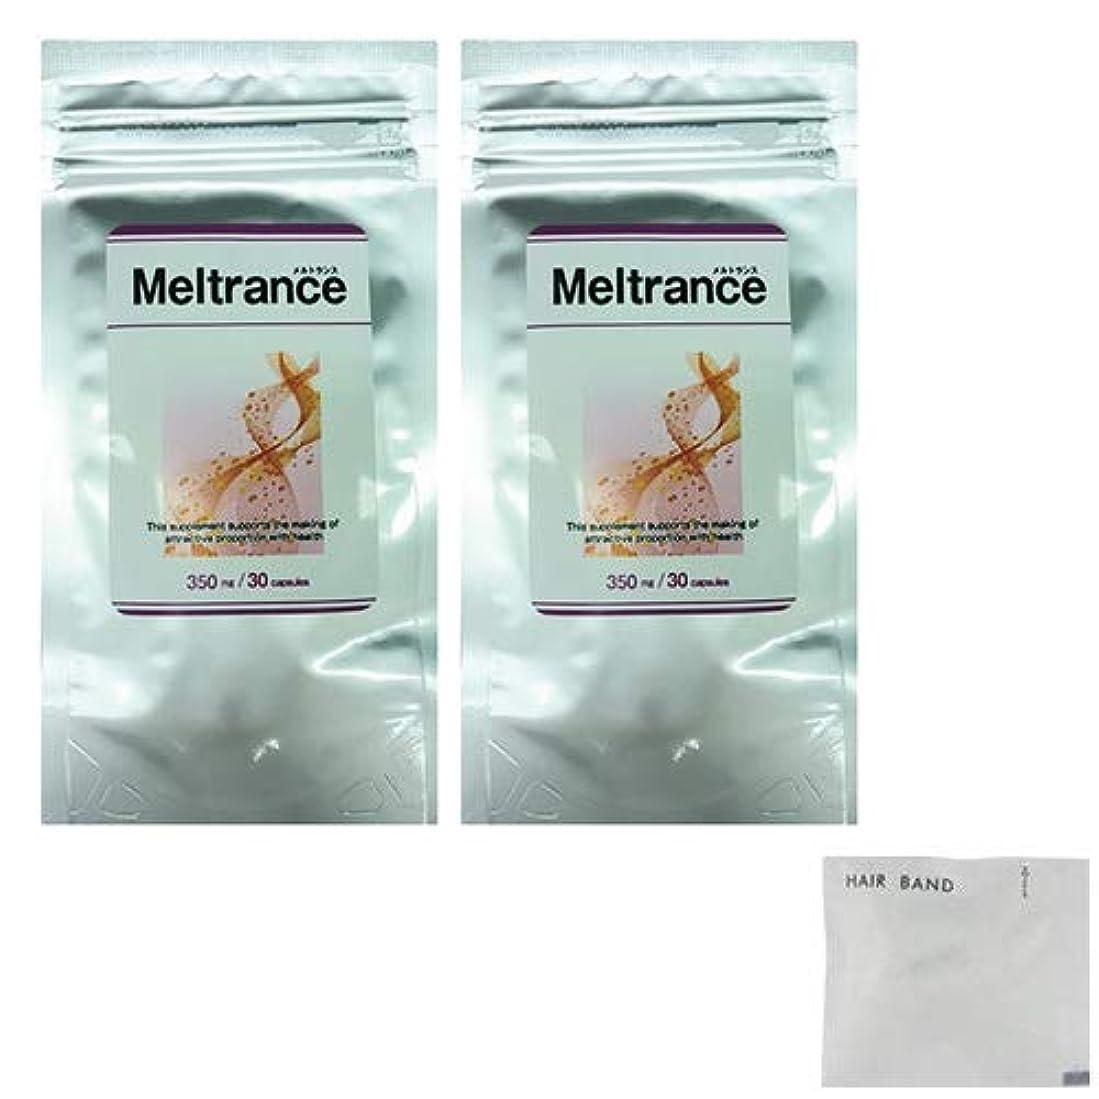 重荷うがい軽食メルトランス(Meltrance) サプリメント 30粒×2個 + ヘアゴム(カラーはおまかせ)セット